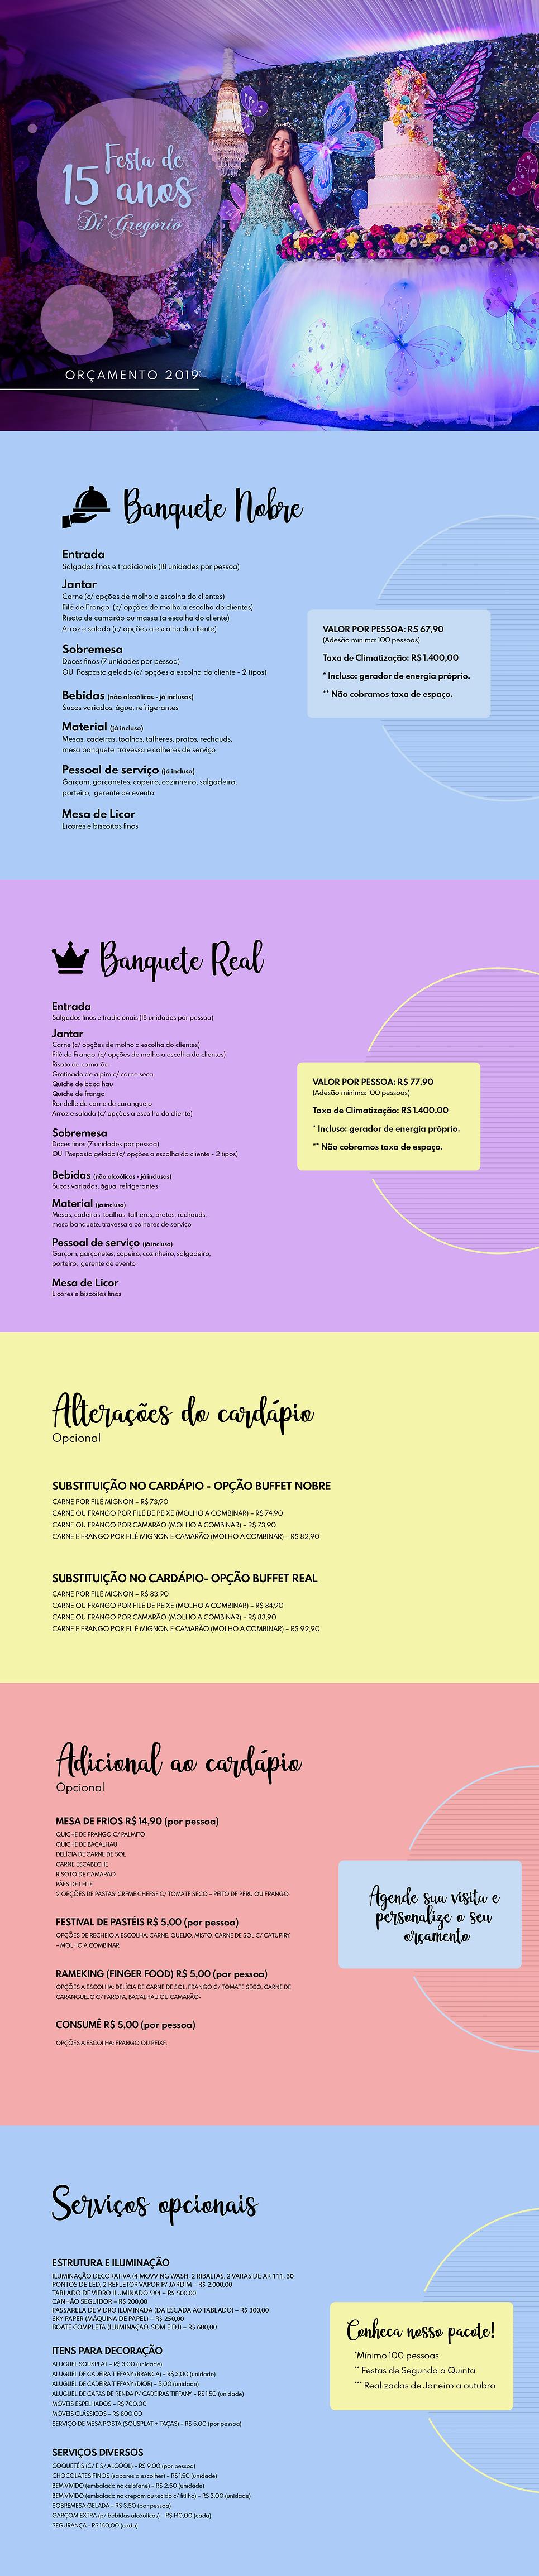 Orçamento_15_anos_2019_-_site-01-01-01-0